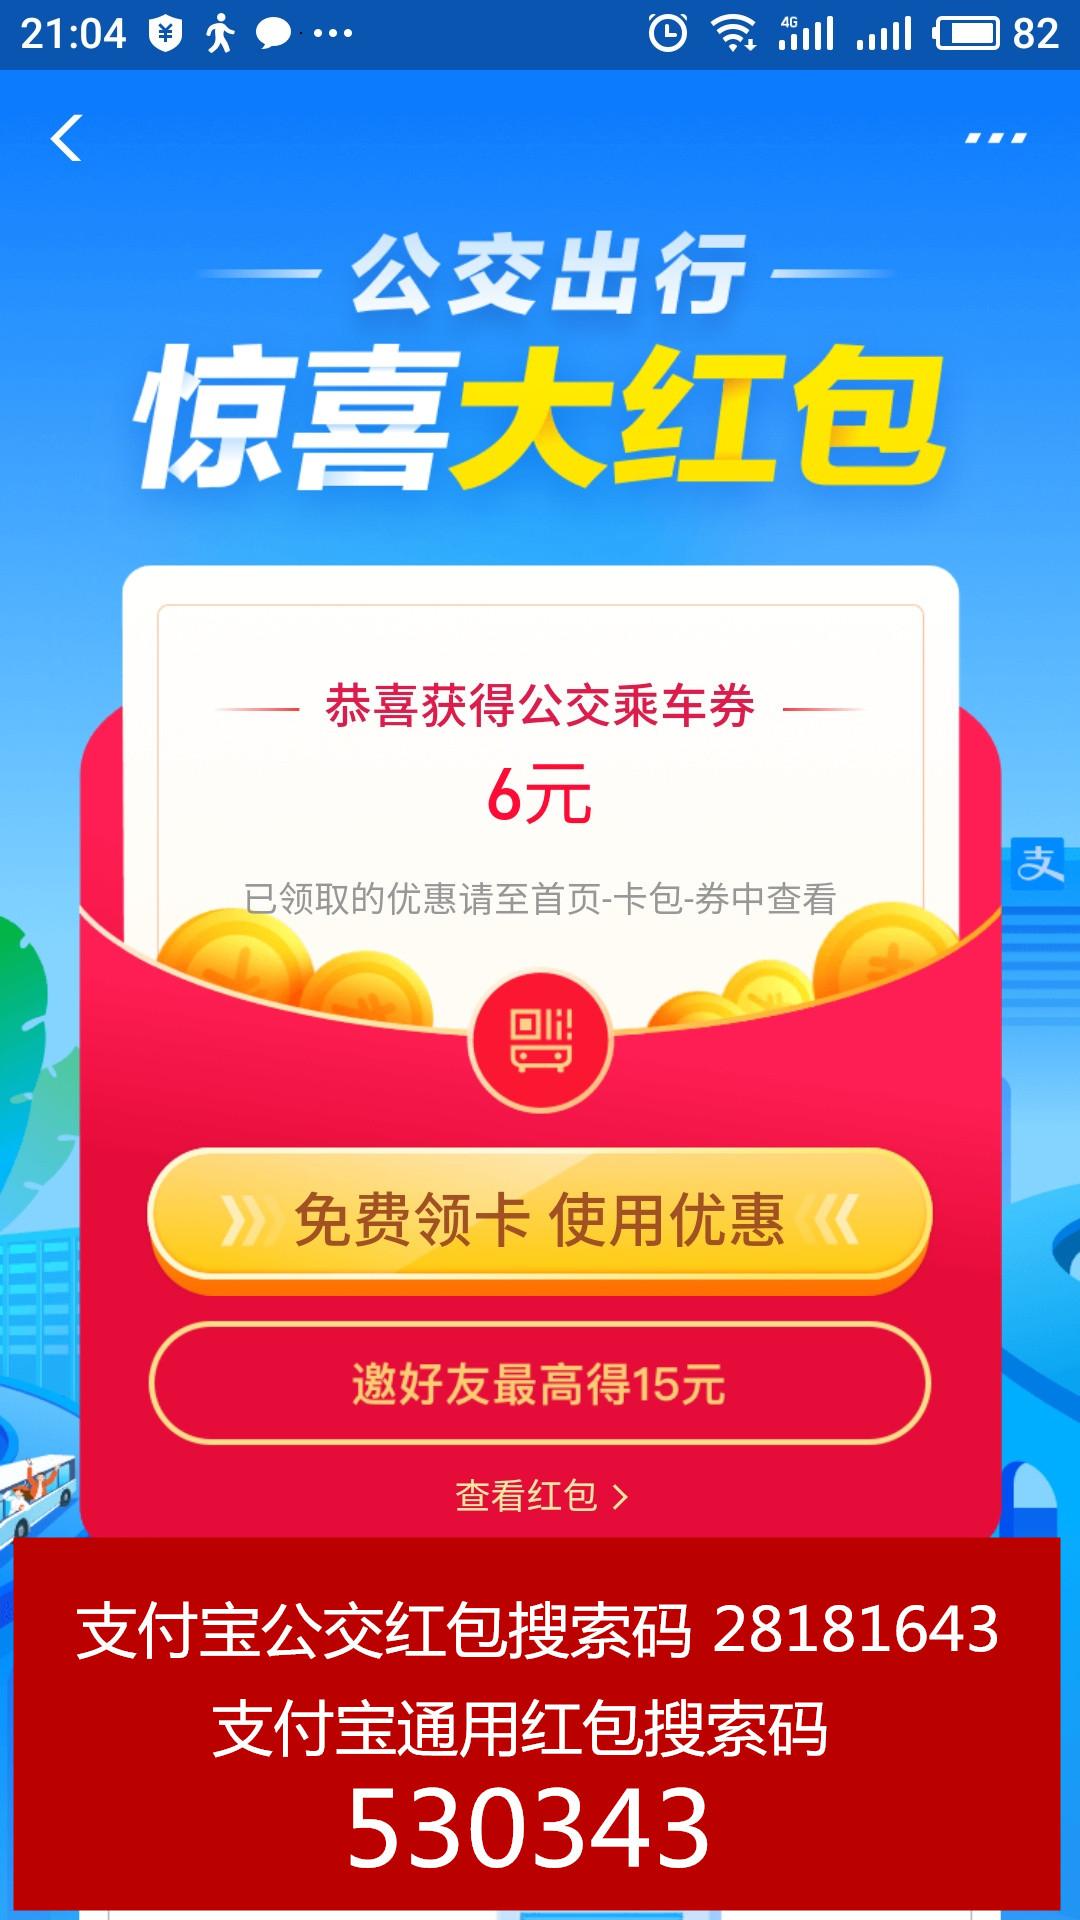 支付宝6元公交红包,www.yiyingbk.com